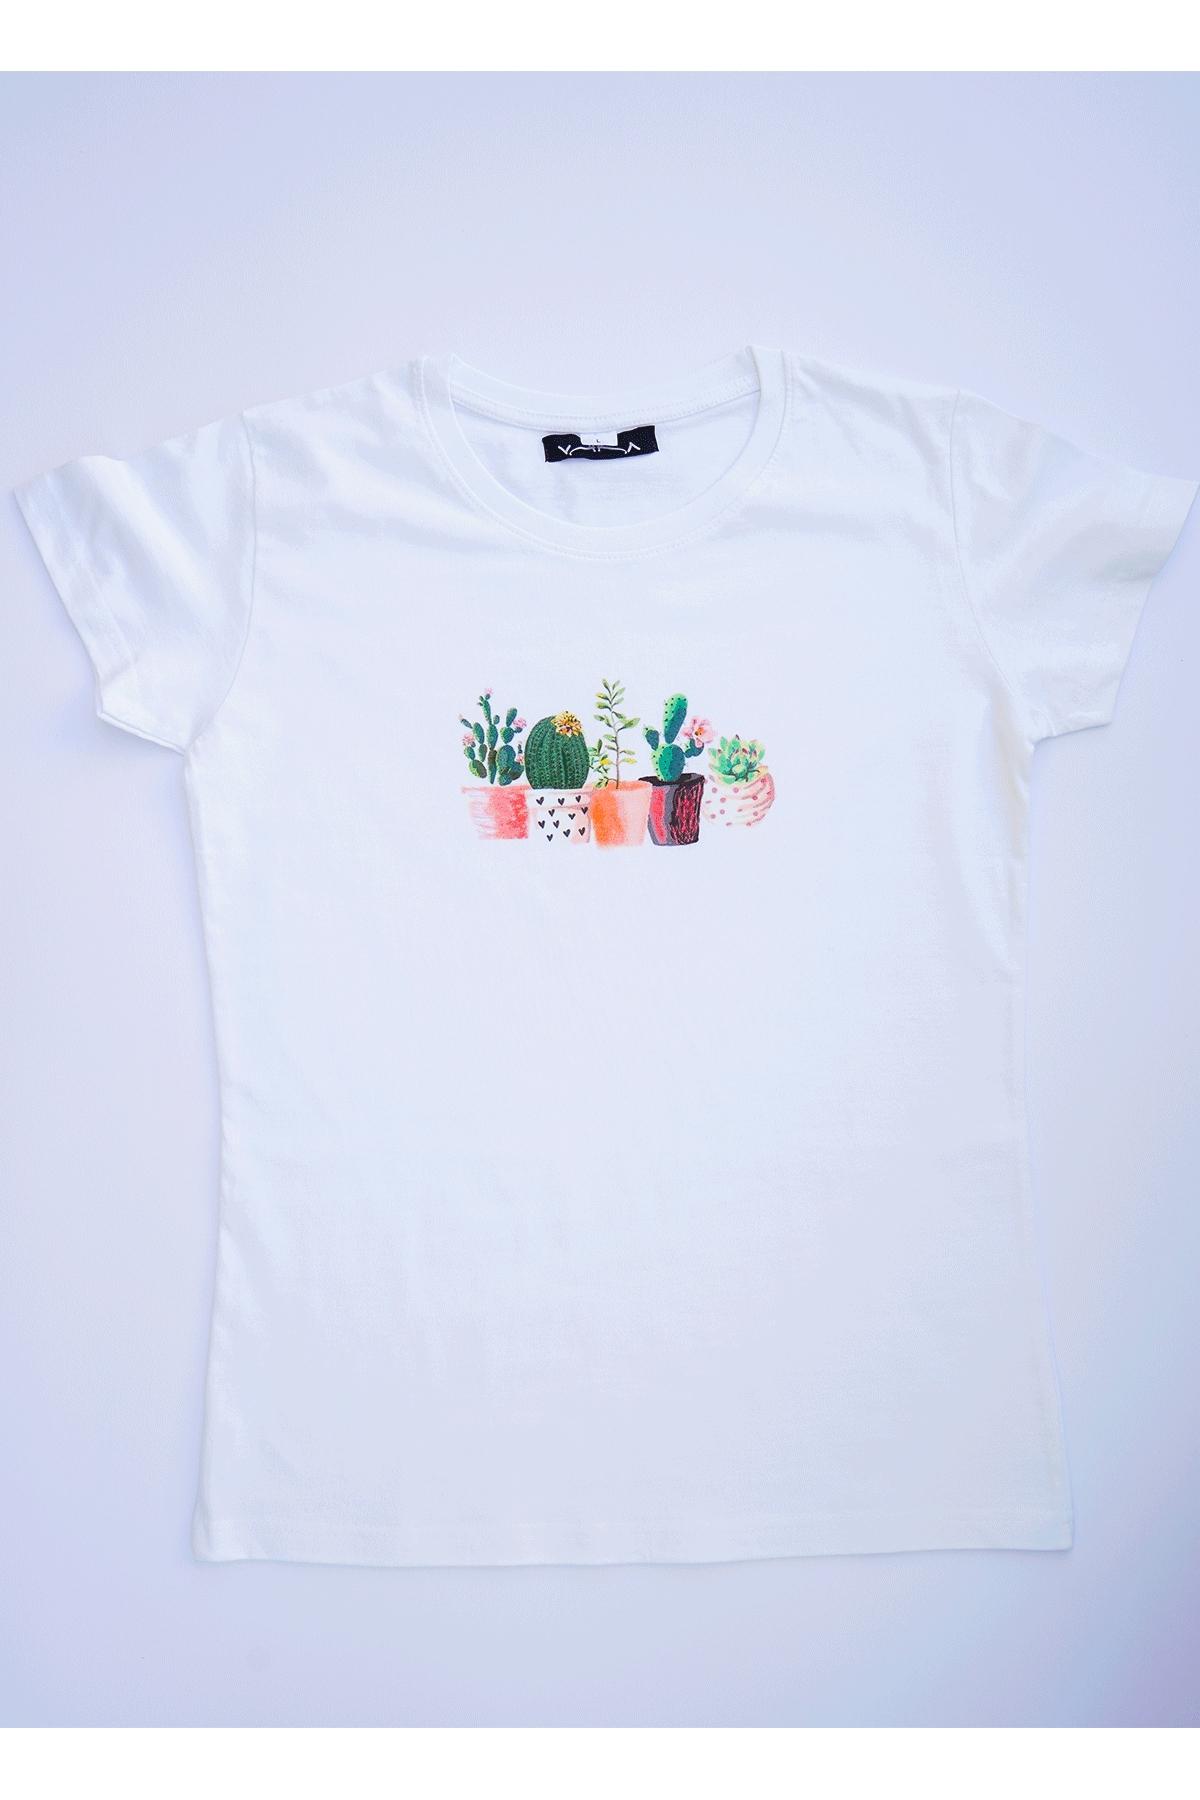 Бяла тениска с малки кактуси / VЯRA за MUSE SHOP